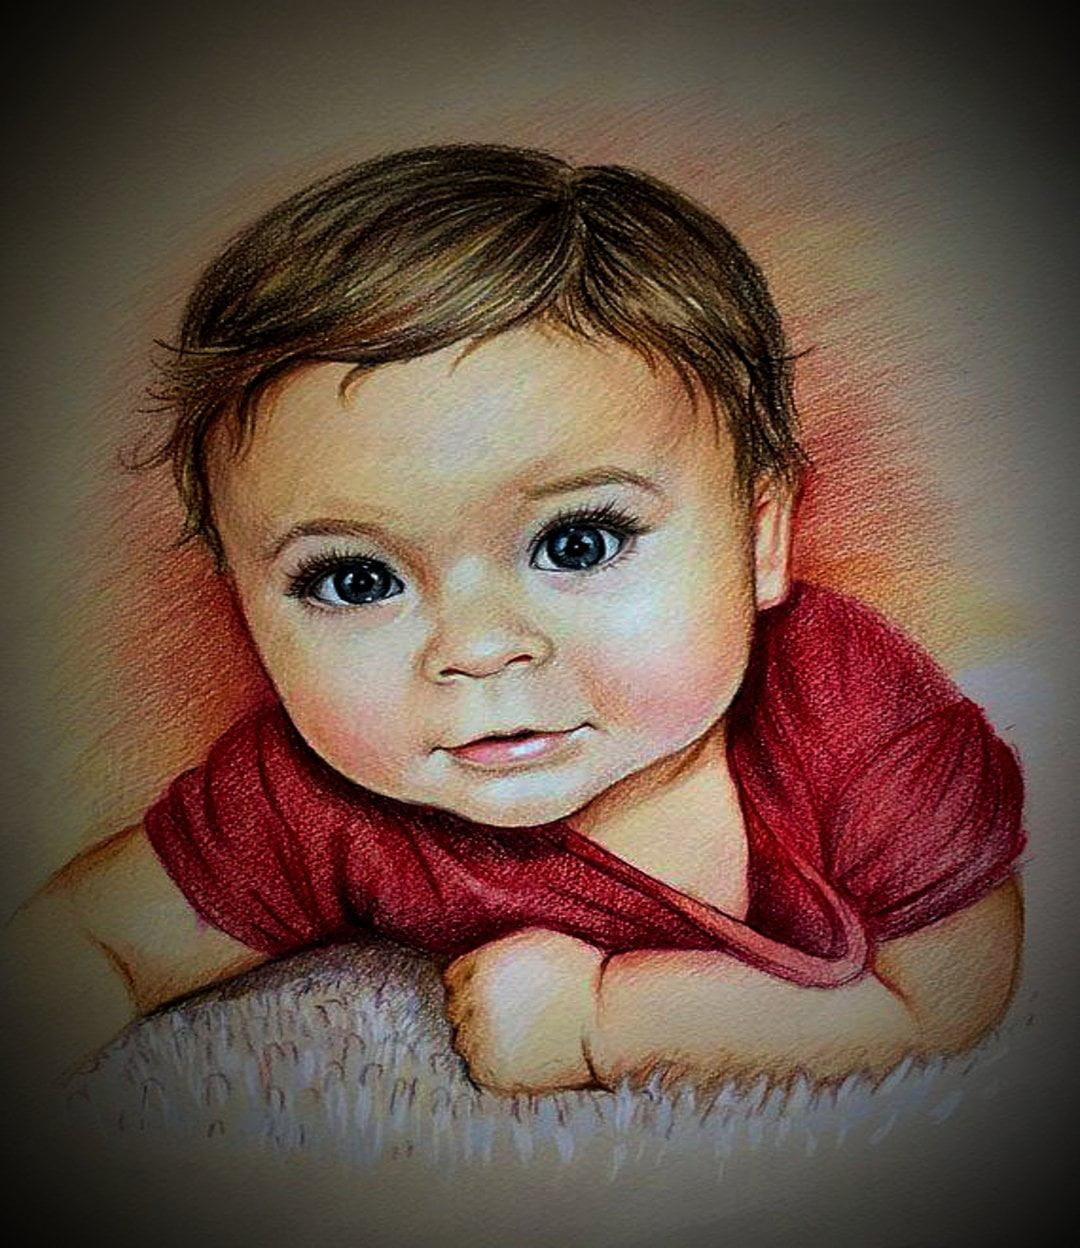 Baby Colored Pencil Portrait Sketch